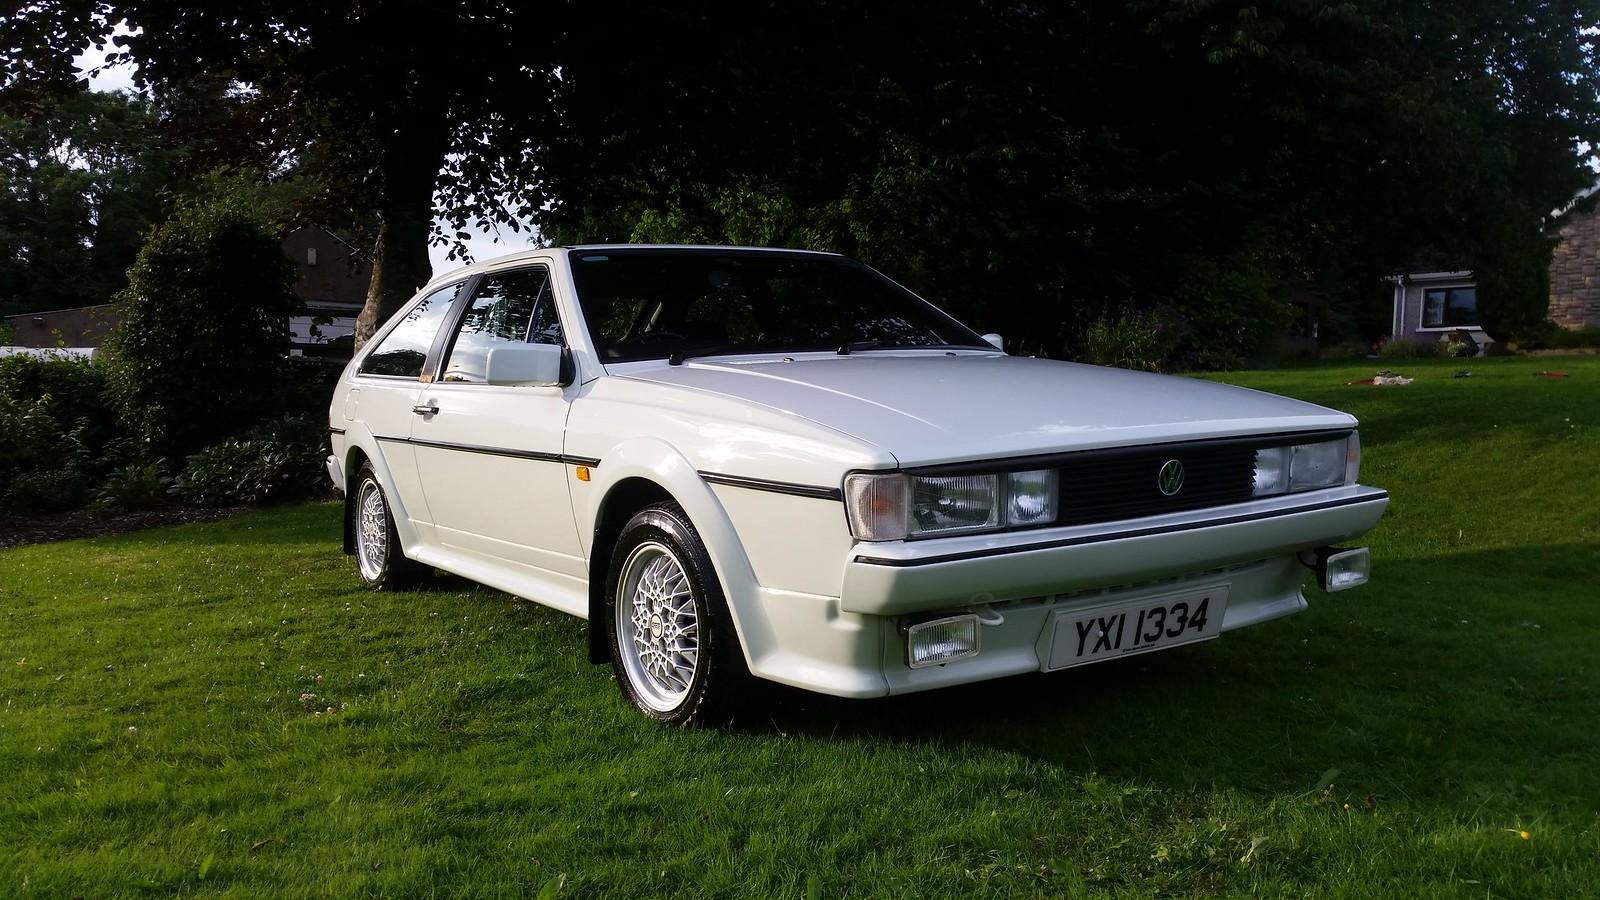 1992 Volkswagen Scirocco Mk2 1 8 Gt2 69 000 Miles Flickr